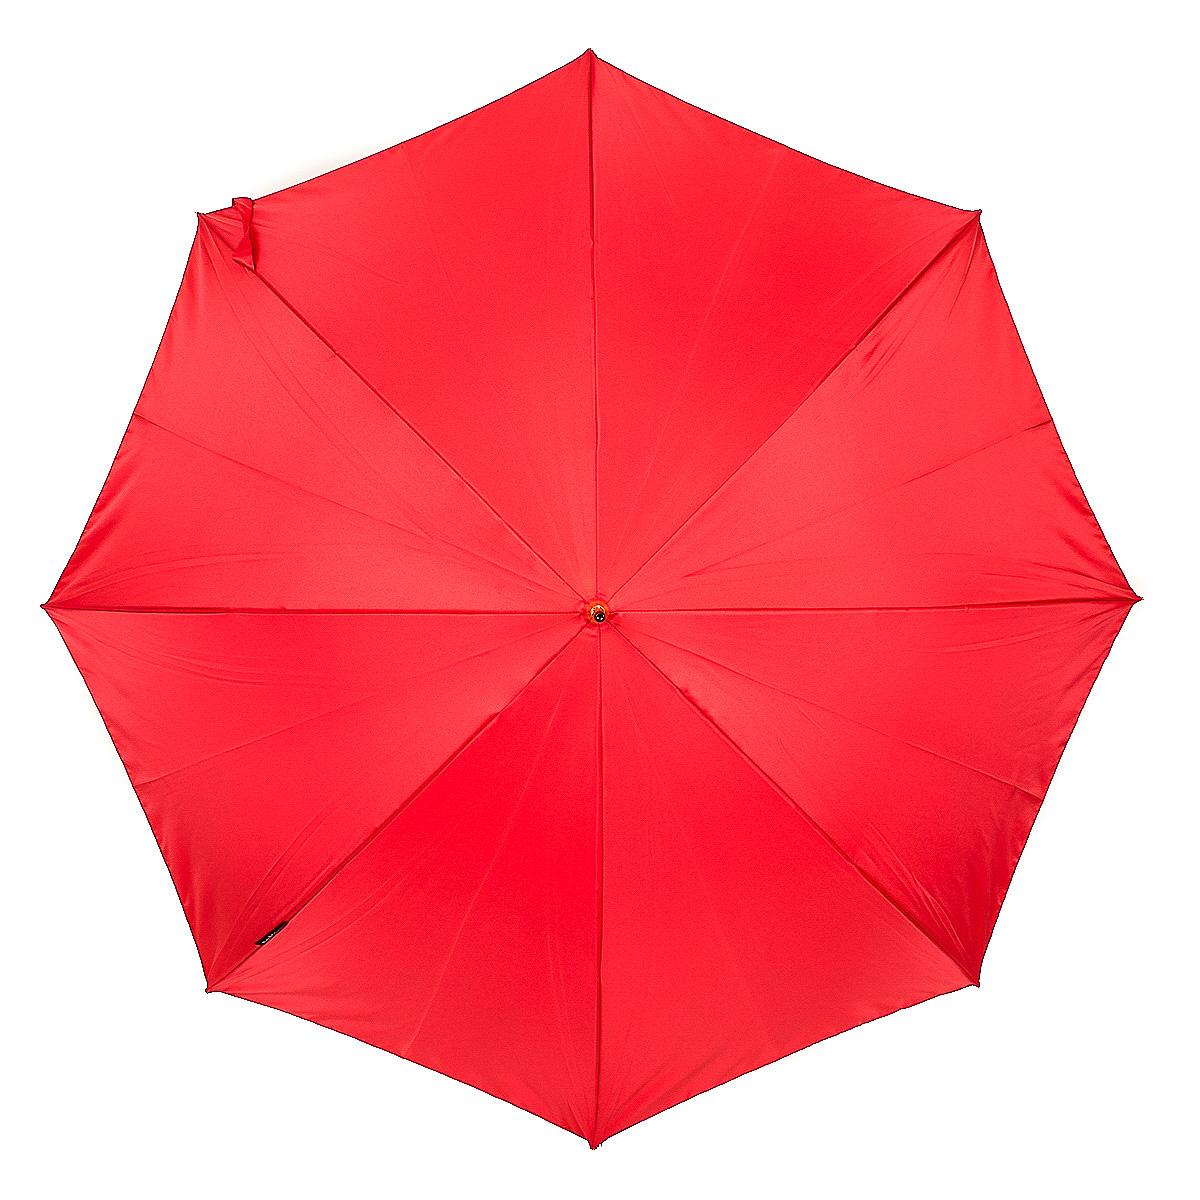 Зонт-трость женский Slava Zaitsev, механика, цвет: красный. 051CX1516-50-10Оригинальный зонт-трость Slava Zaitsev надежно защитит вас от непогоды. Купол выполнен из высококачественного полиэстера, который не пропускает воду. Каркас зонта и спицы выполнены из высококачественного металла. Зонт имеет механический тип сложения: открывается и закрывается вручную до характерного щелчка. Удобная ручка выполнена из пластика.